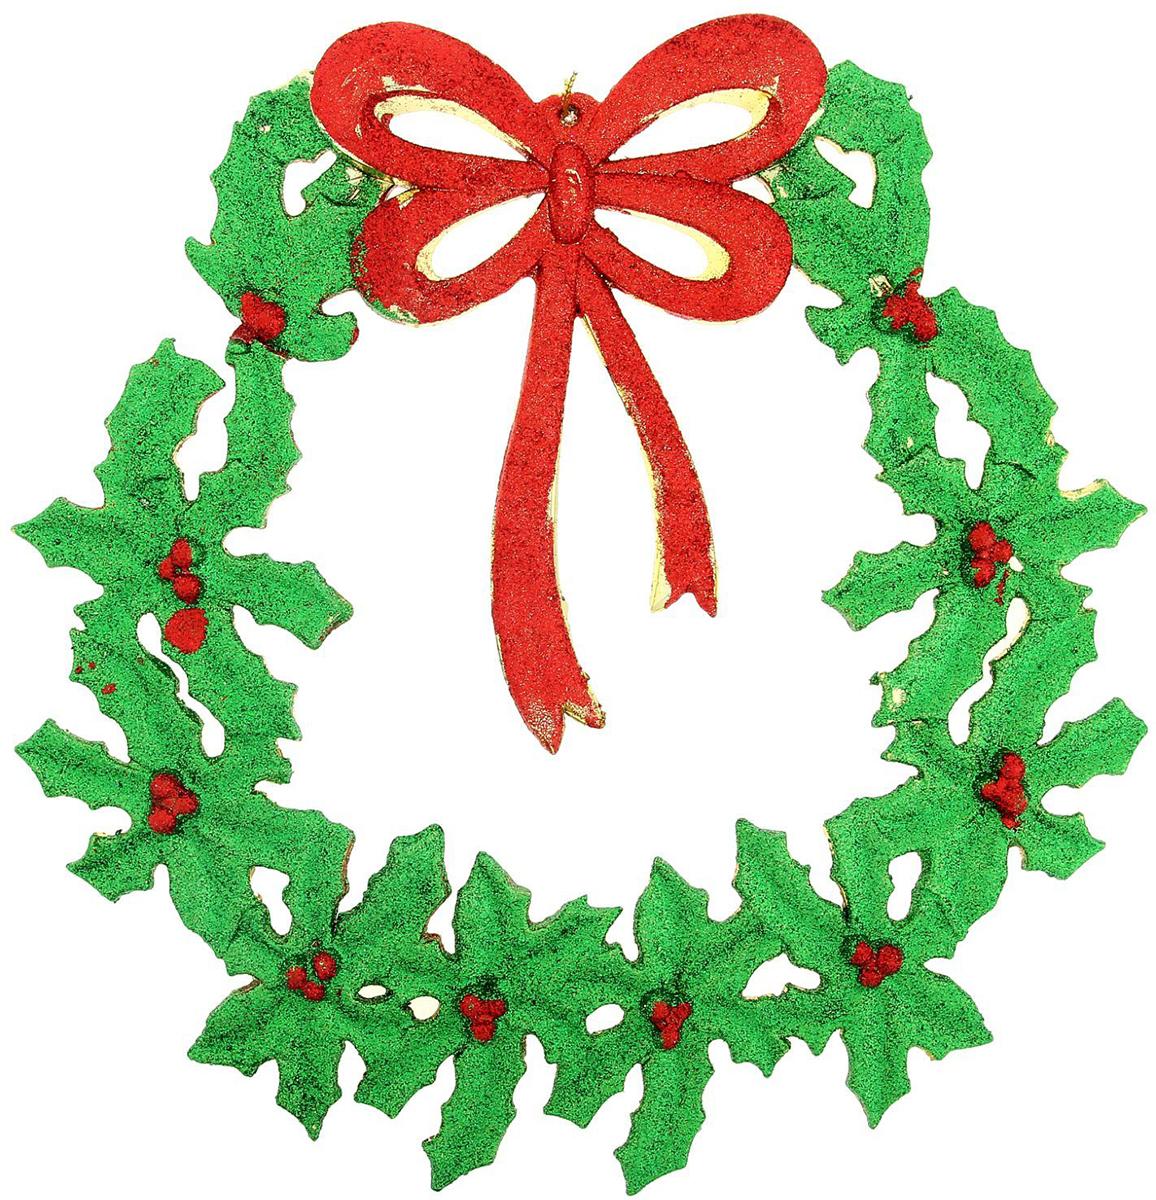 Венок новогодний Бантик веточка, диаметр 21 см1113661Невозможно представить нашу жизнь без праздников! Мы всегда ждем их и предвкушаем, обдумываем, как проведем памятный день, тщательно выбираем подарки и аксессуары, ведь именно они создают и поддерживают торжественный настрой. Это отличный выбор, который привнесет атмосферу праздника в ваш дом!Диаметр венка: 21 см.